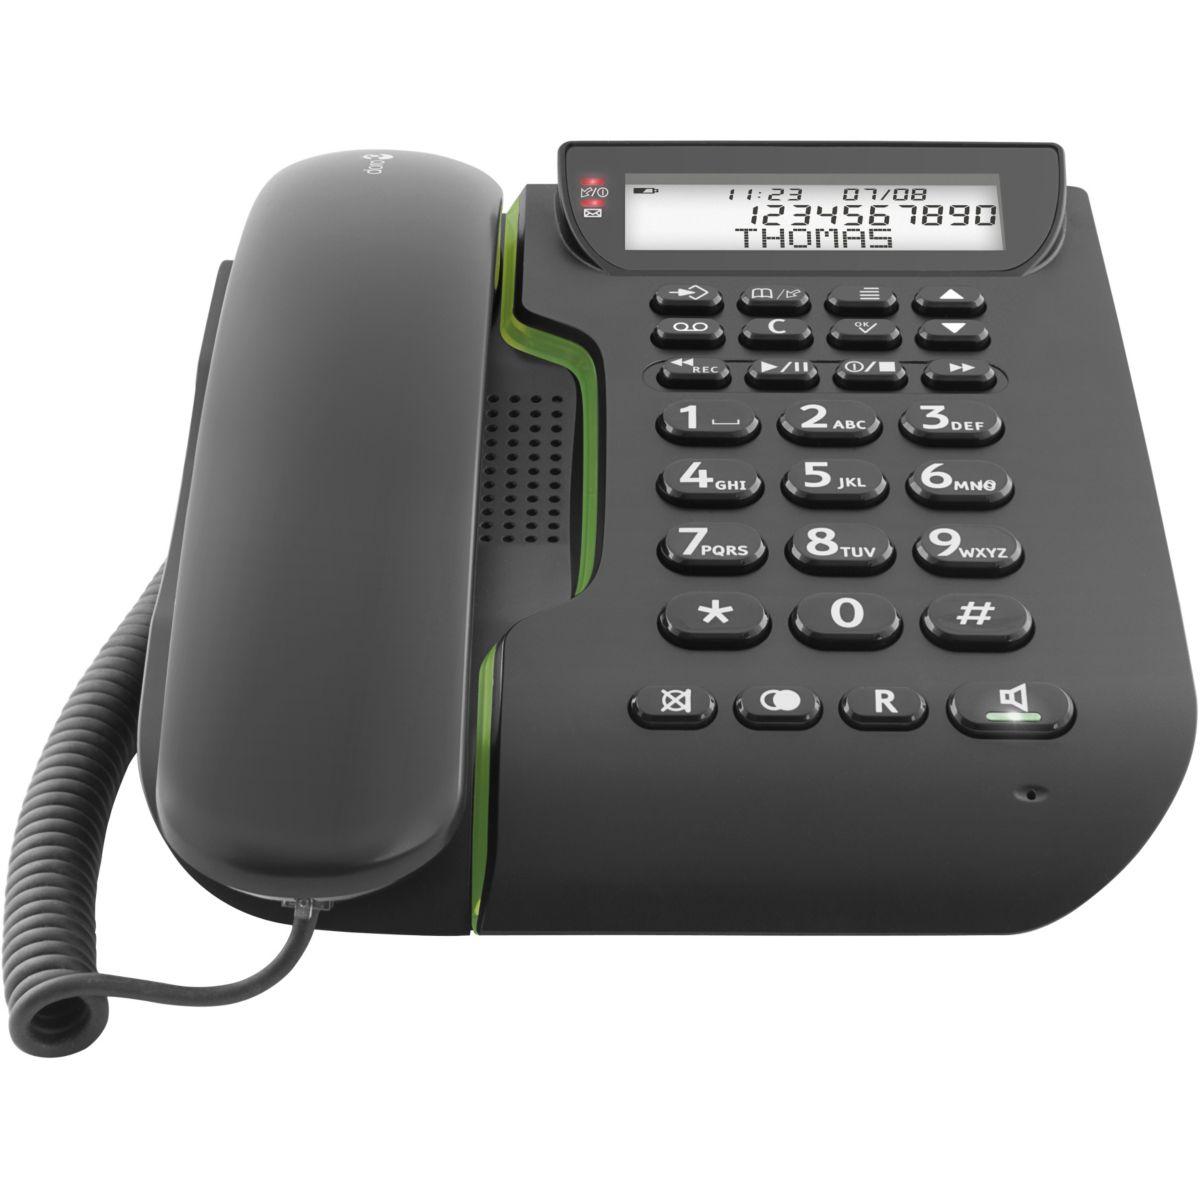 Téléphone filaire doro comfort 3005 noir - 2% de remise immédiate avec le code : cool2 (photo)